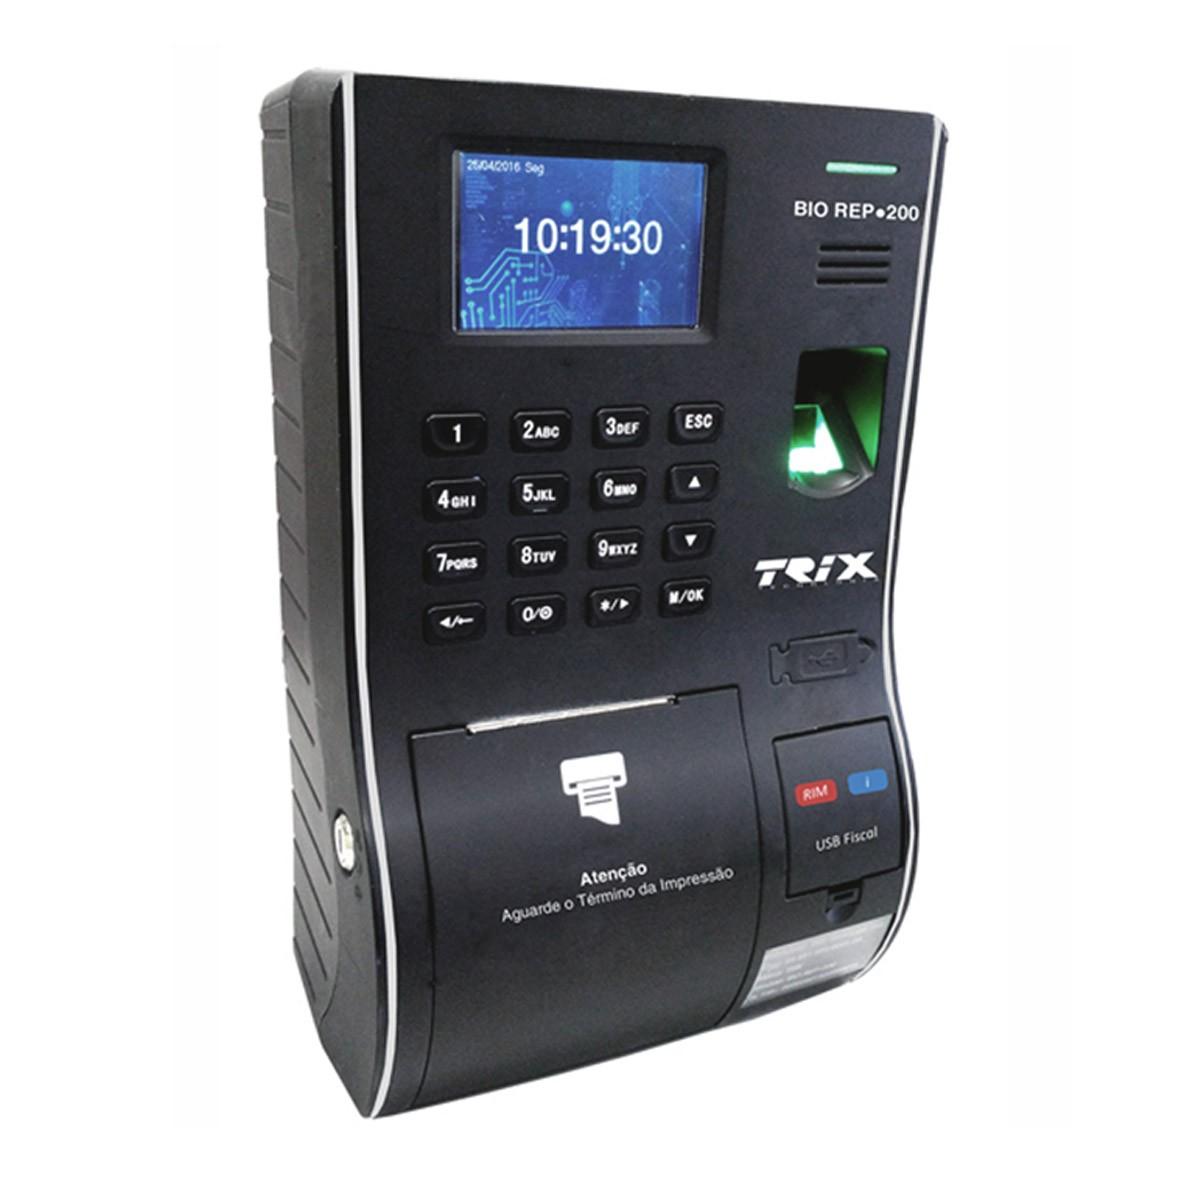 Relógio de Ponto Eletrônico BIO REP-200 - Trix Tecnologia